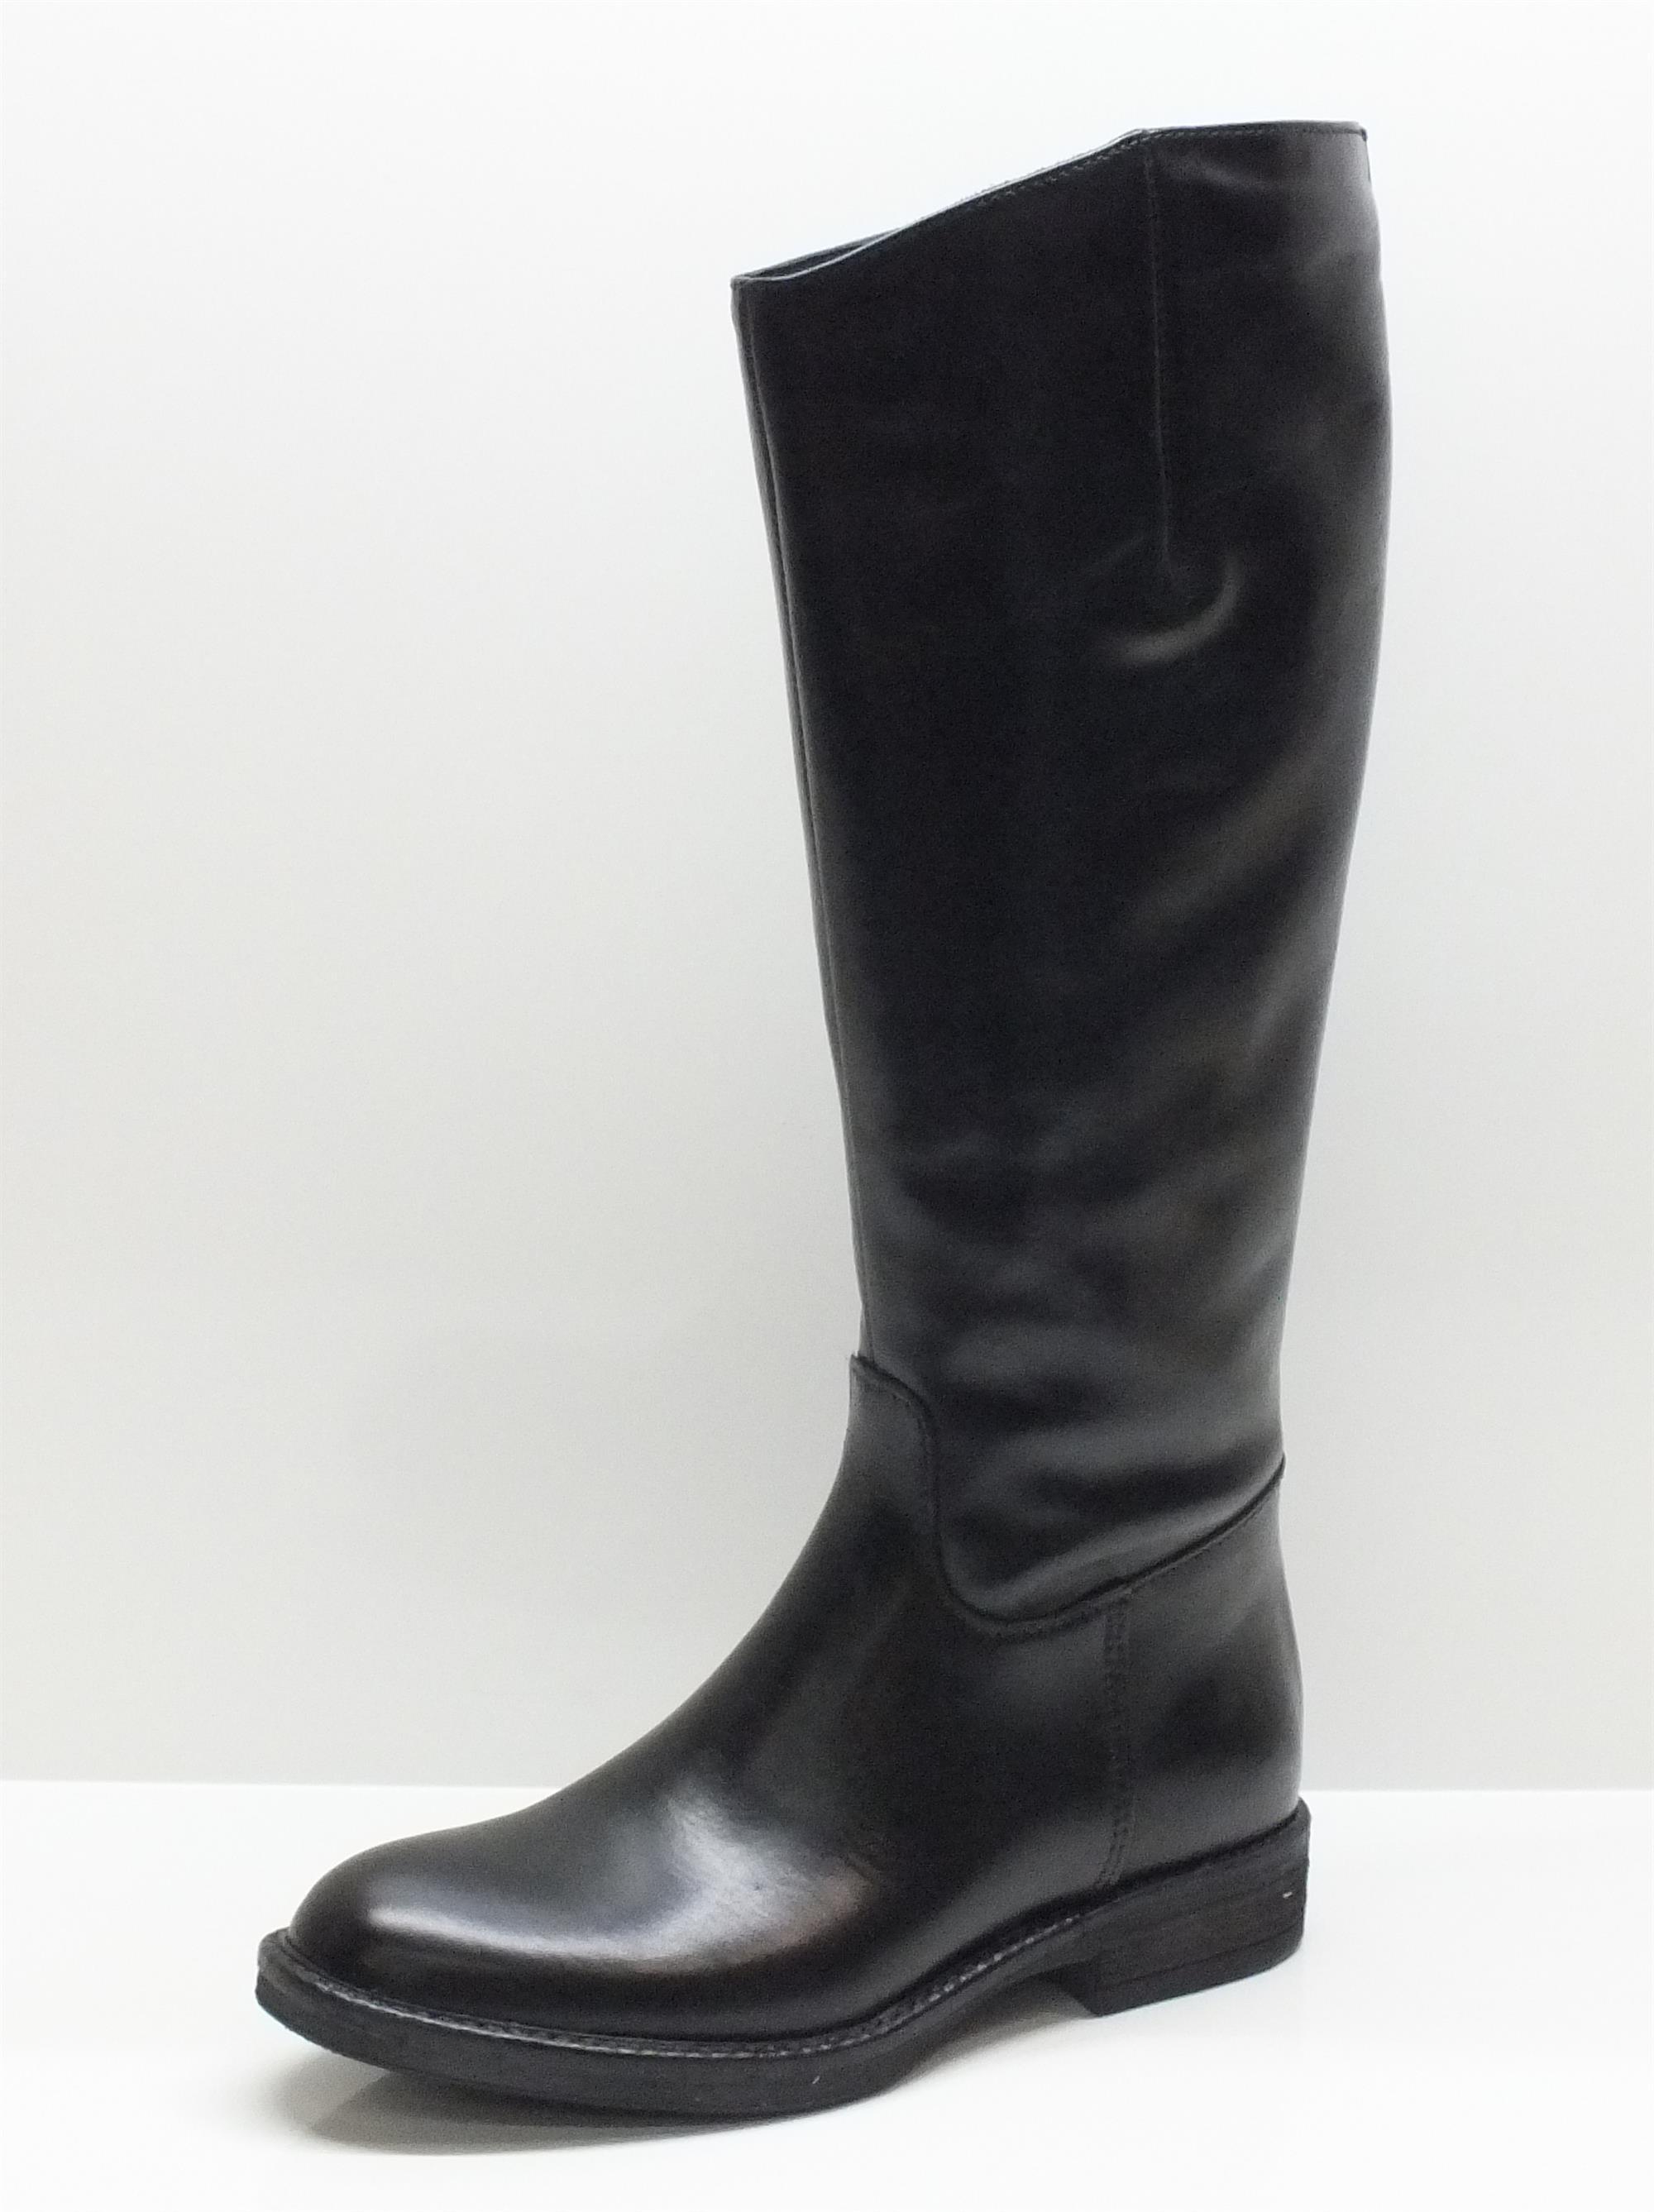 Stivali CafèNoir modello cavallerizzo per donna in pelle nera